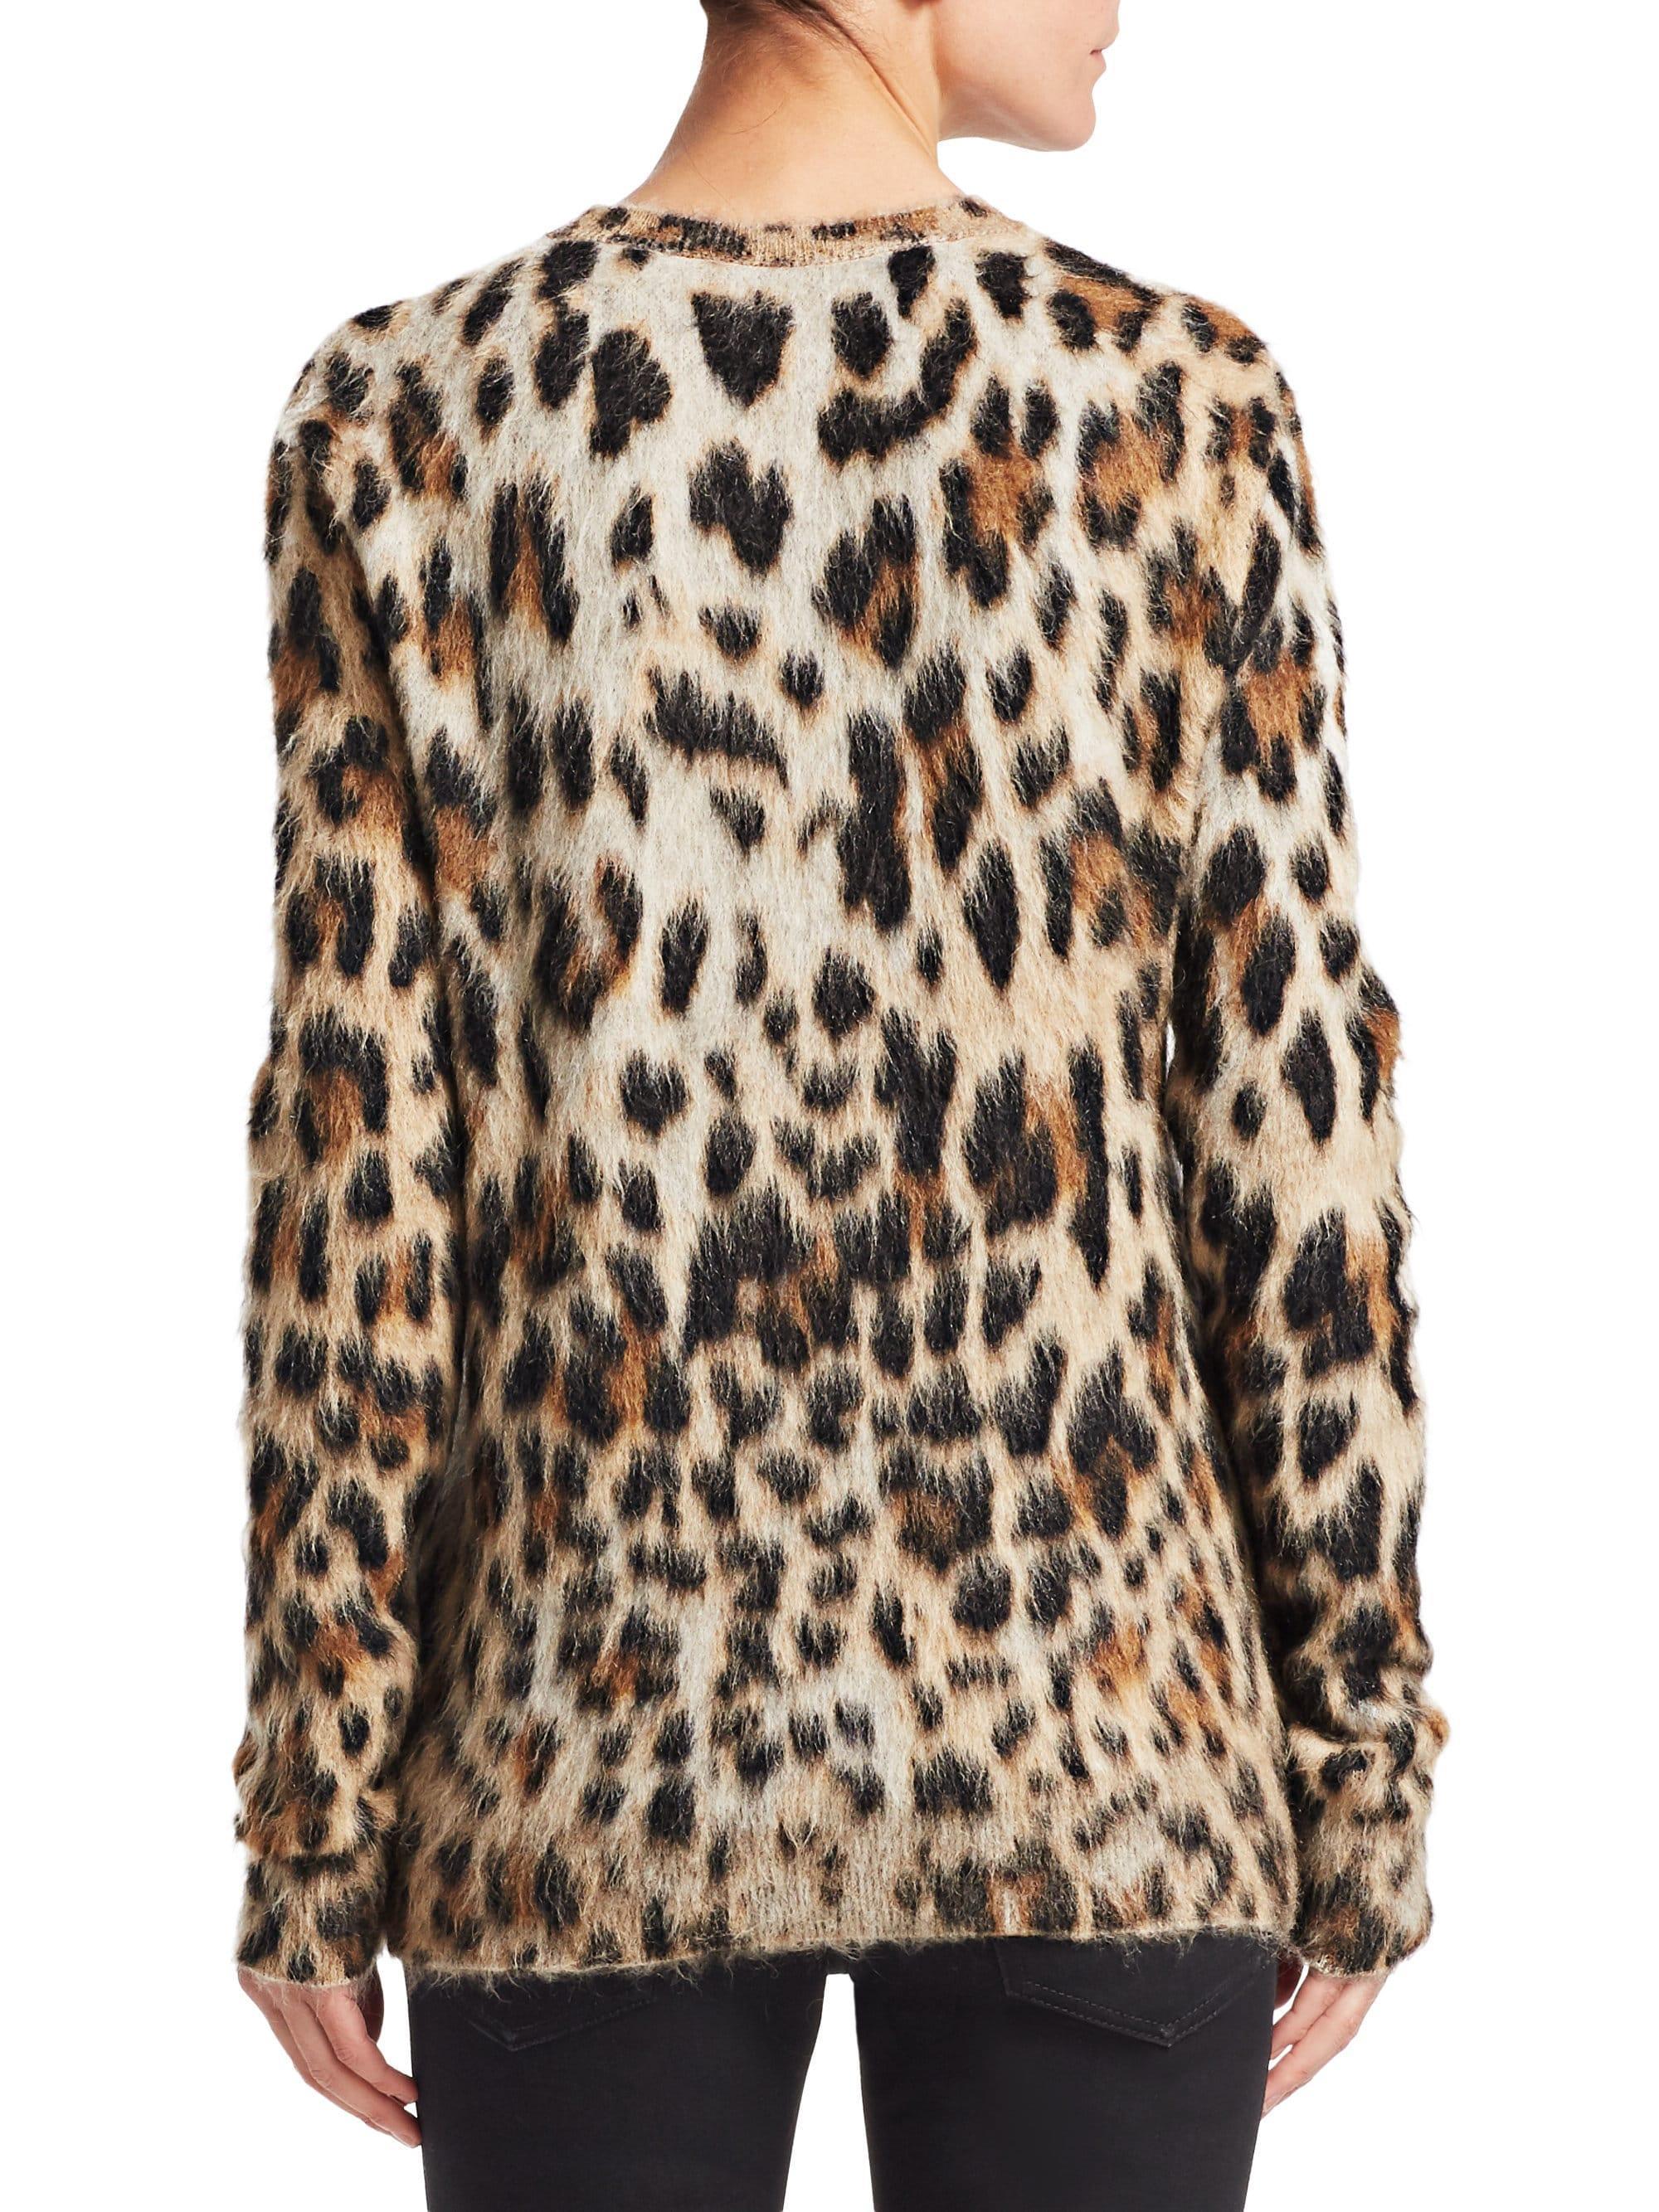 6e04addeeb3a Lyst - Saint Laurent Leopard Print Knit Crewneck Sweater